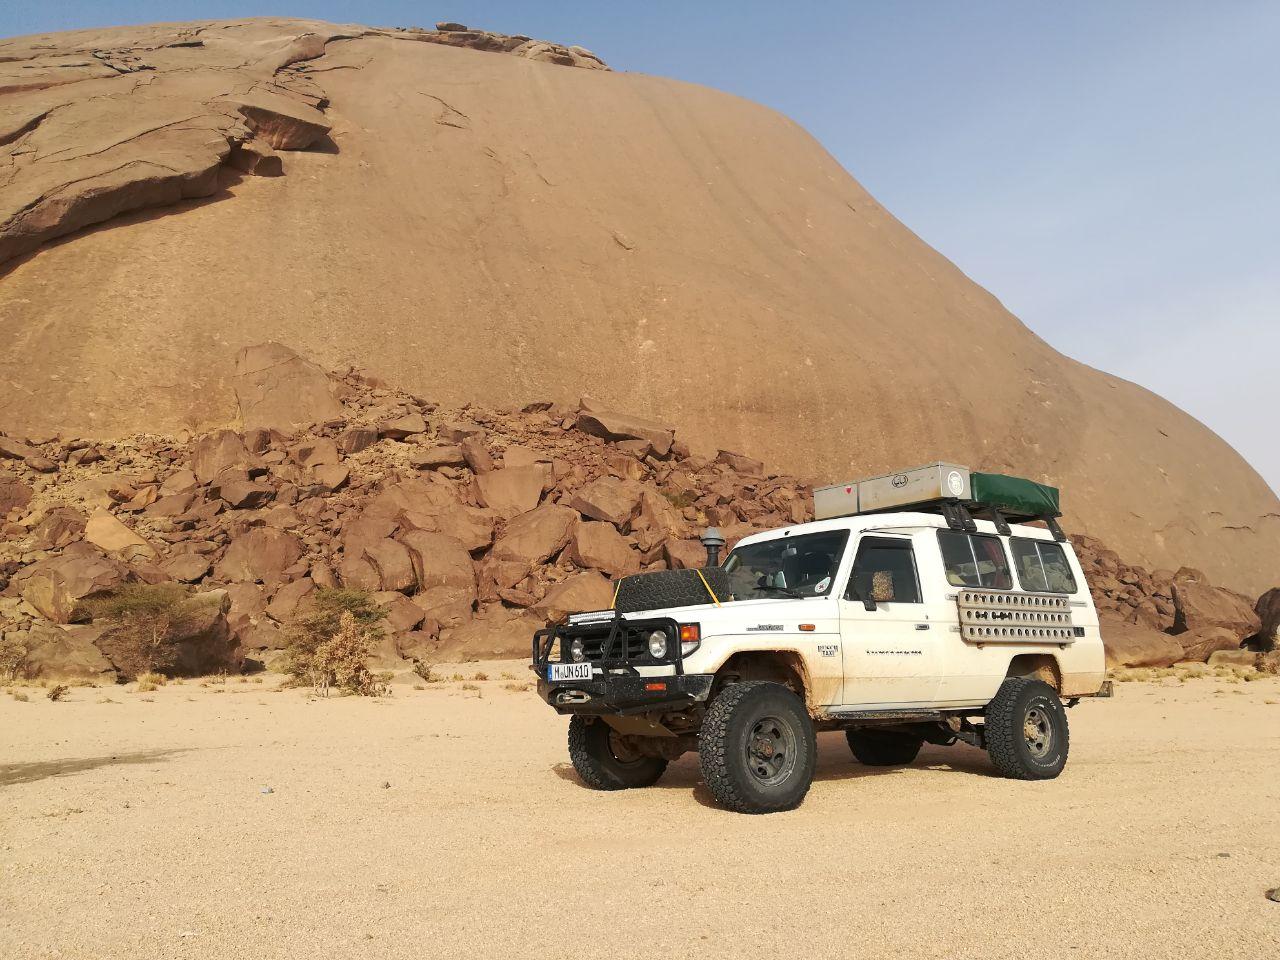 Ben Amira - der größte Monolit Afrika's